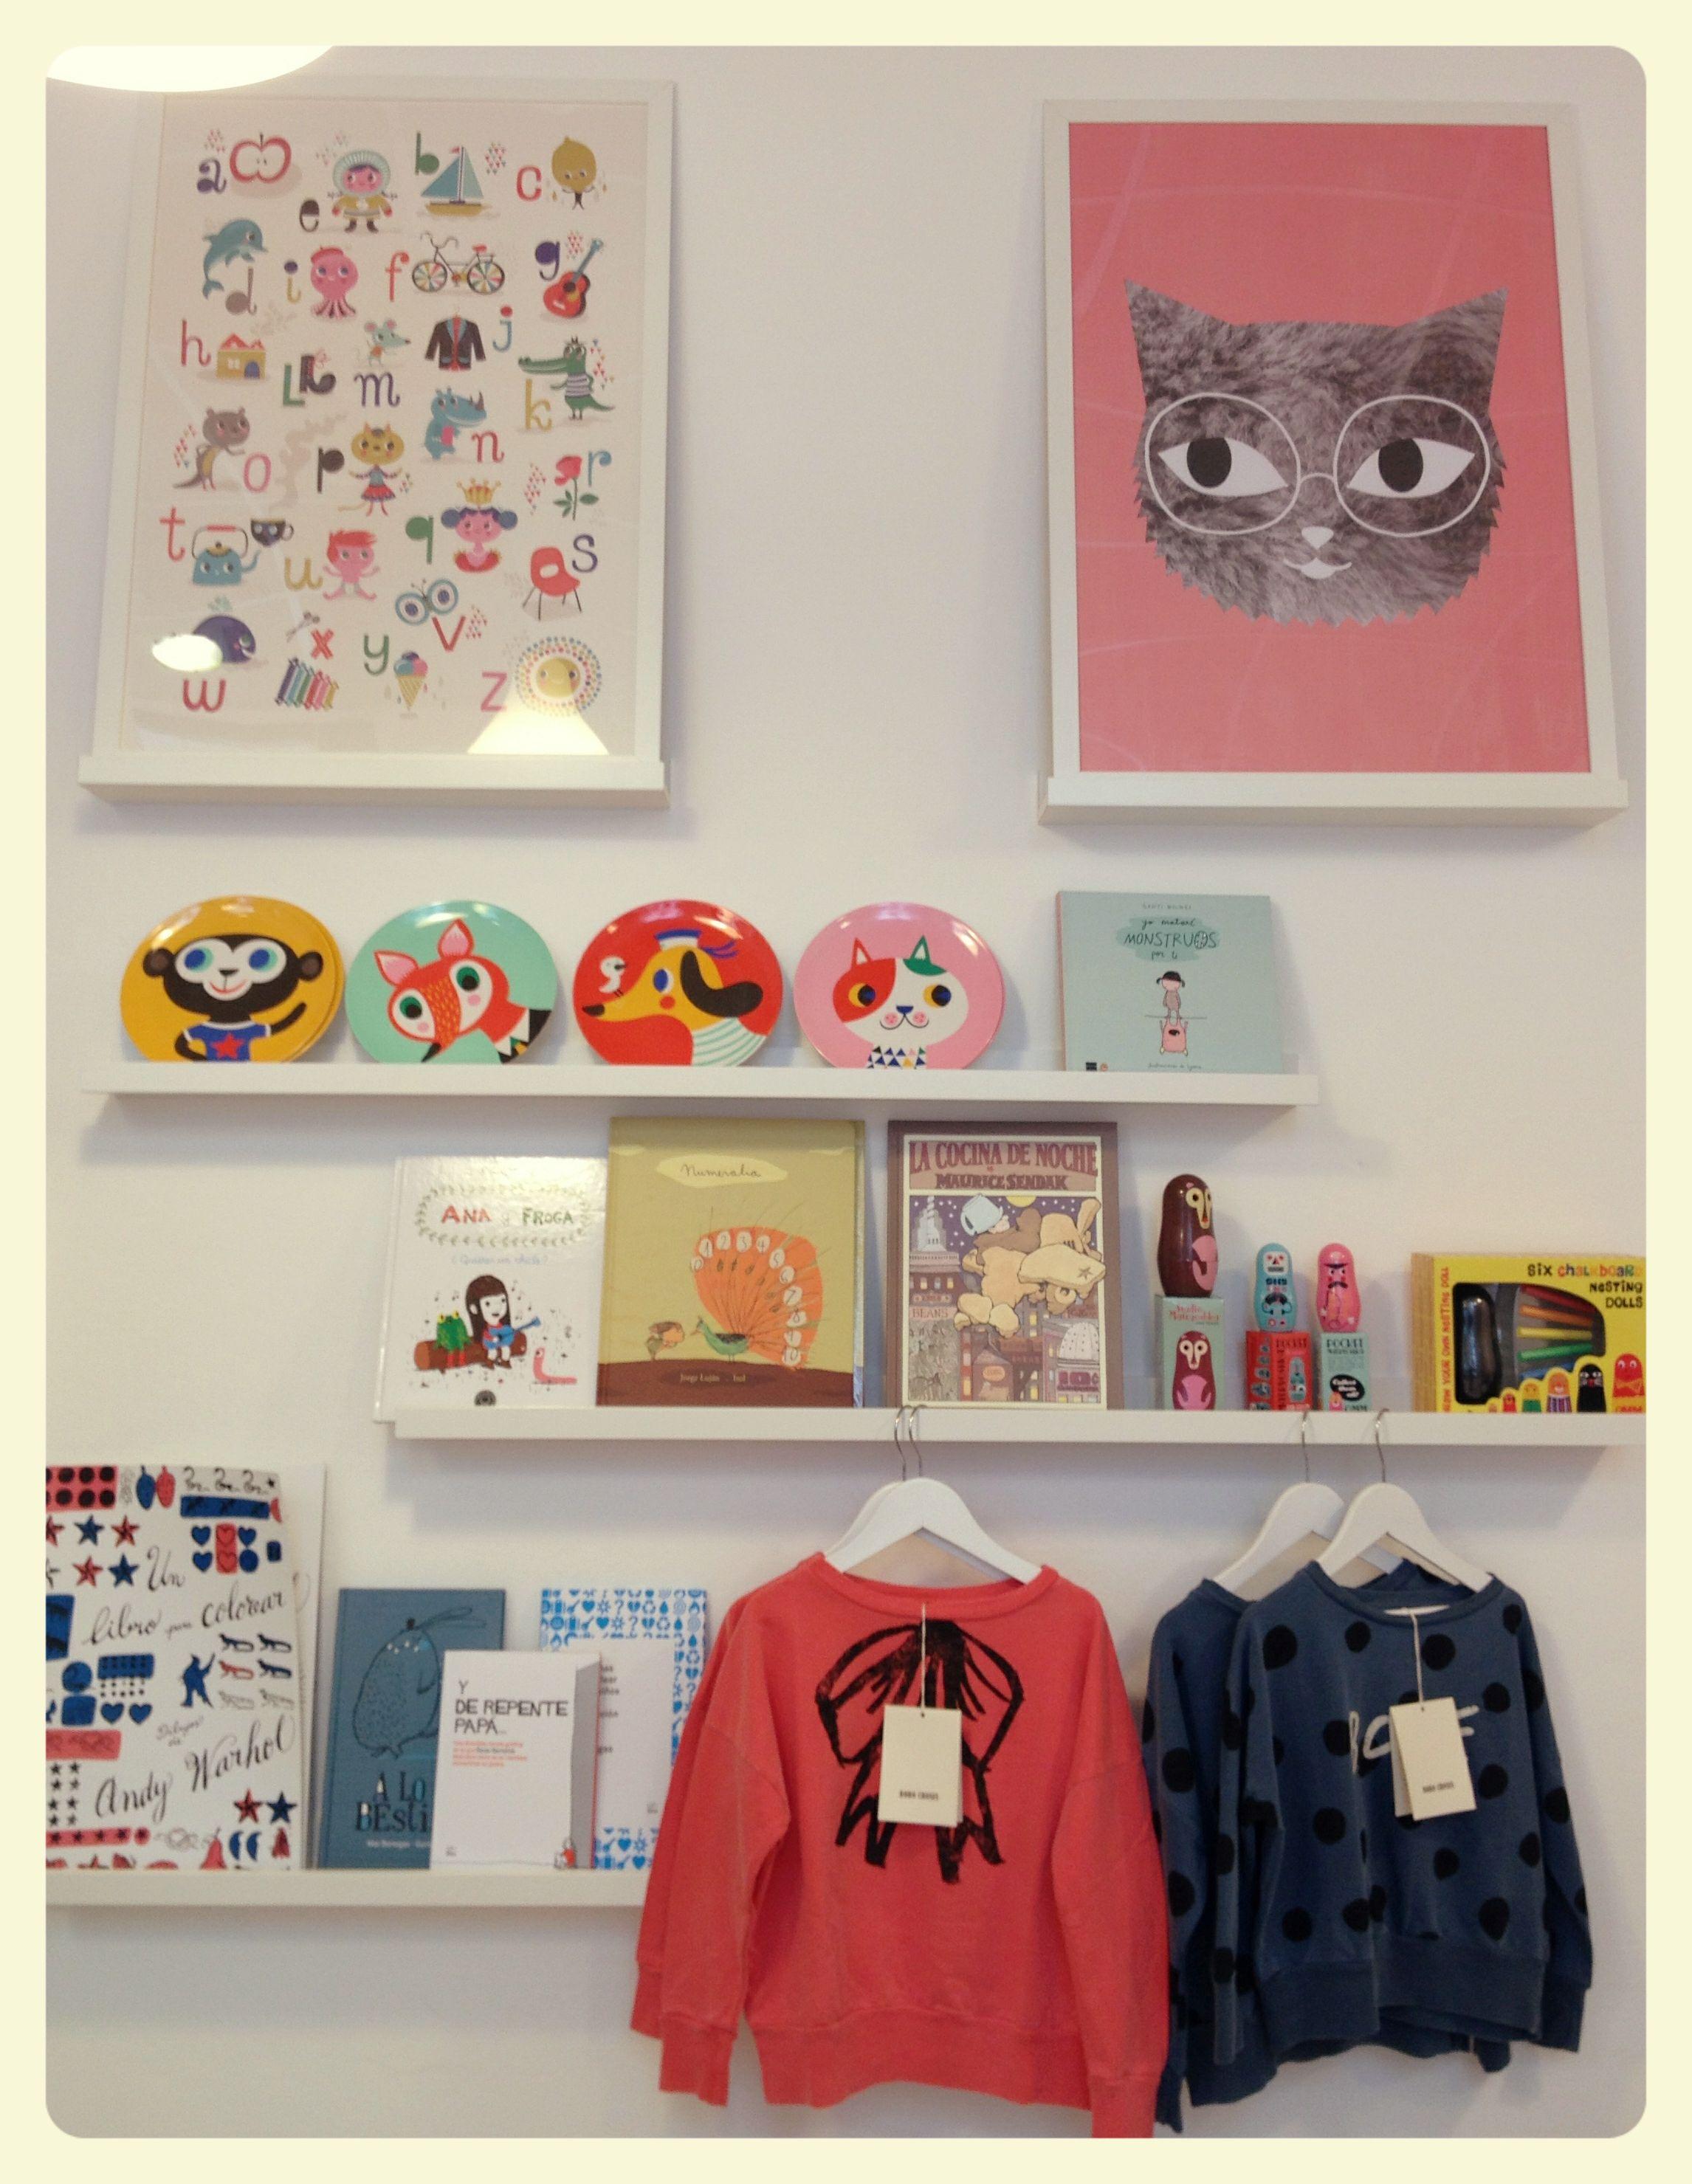 Ribba el estante de ikea que decora habitaciones infantiles - Habitaciones para ninos ikea ...